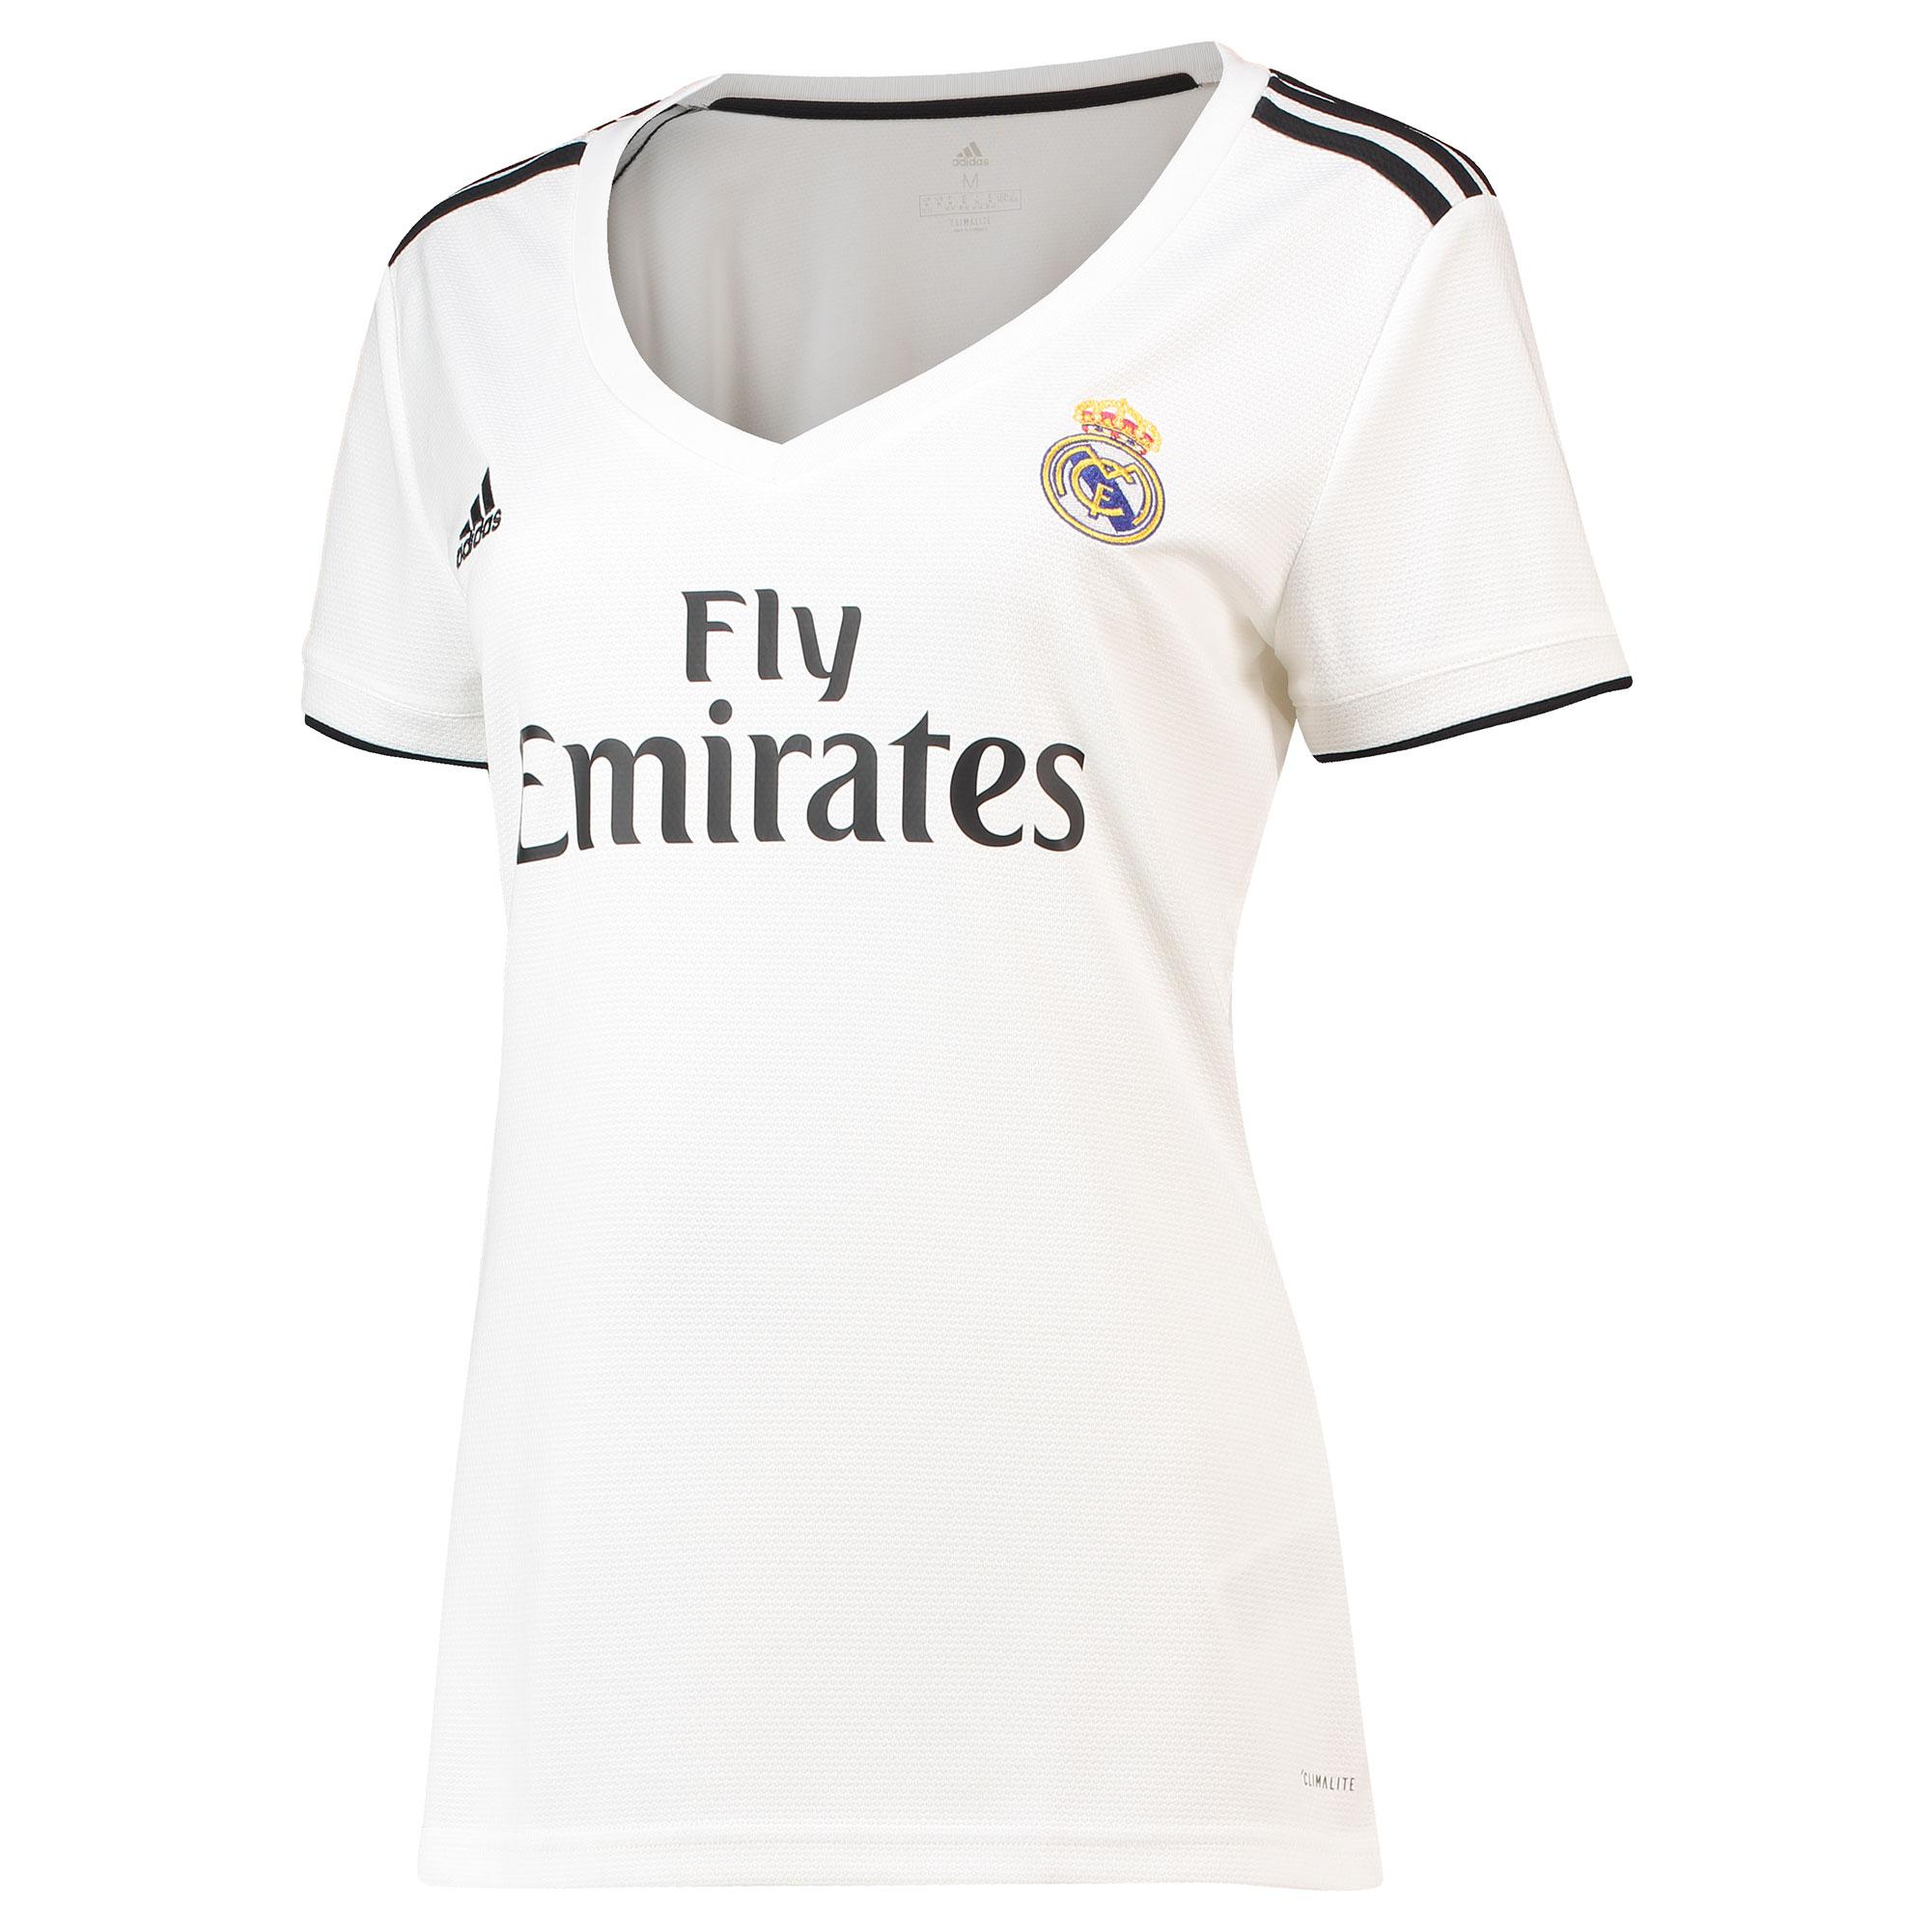 49c966c5a28e6 Adidas Real Madrid dres dámsky (2018-2019), domáci + vlastné meno a číslo